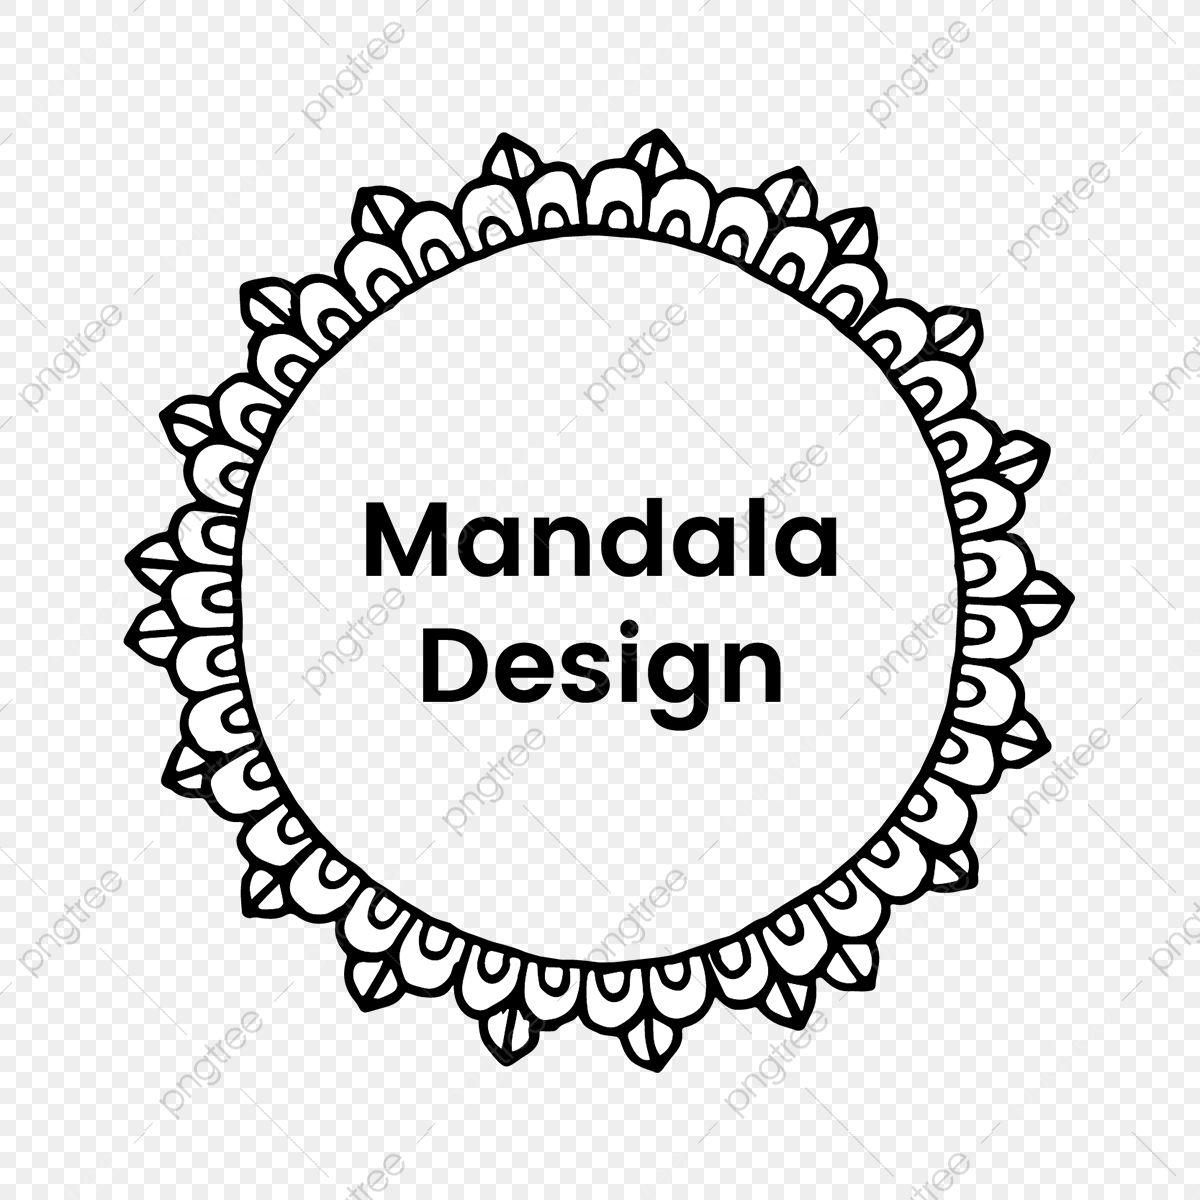 ماندالا عناصر التصميم الإبداعي جميل ماندالا زخرفة Png والمتجهات للتحميل مجانا Mandala Design Design Design Element